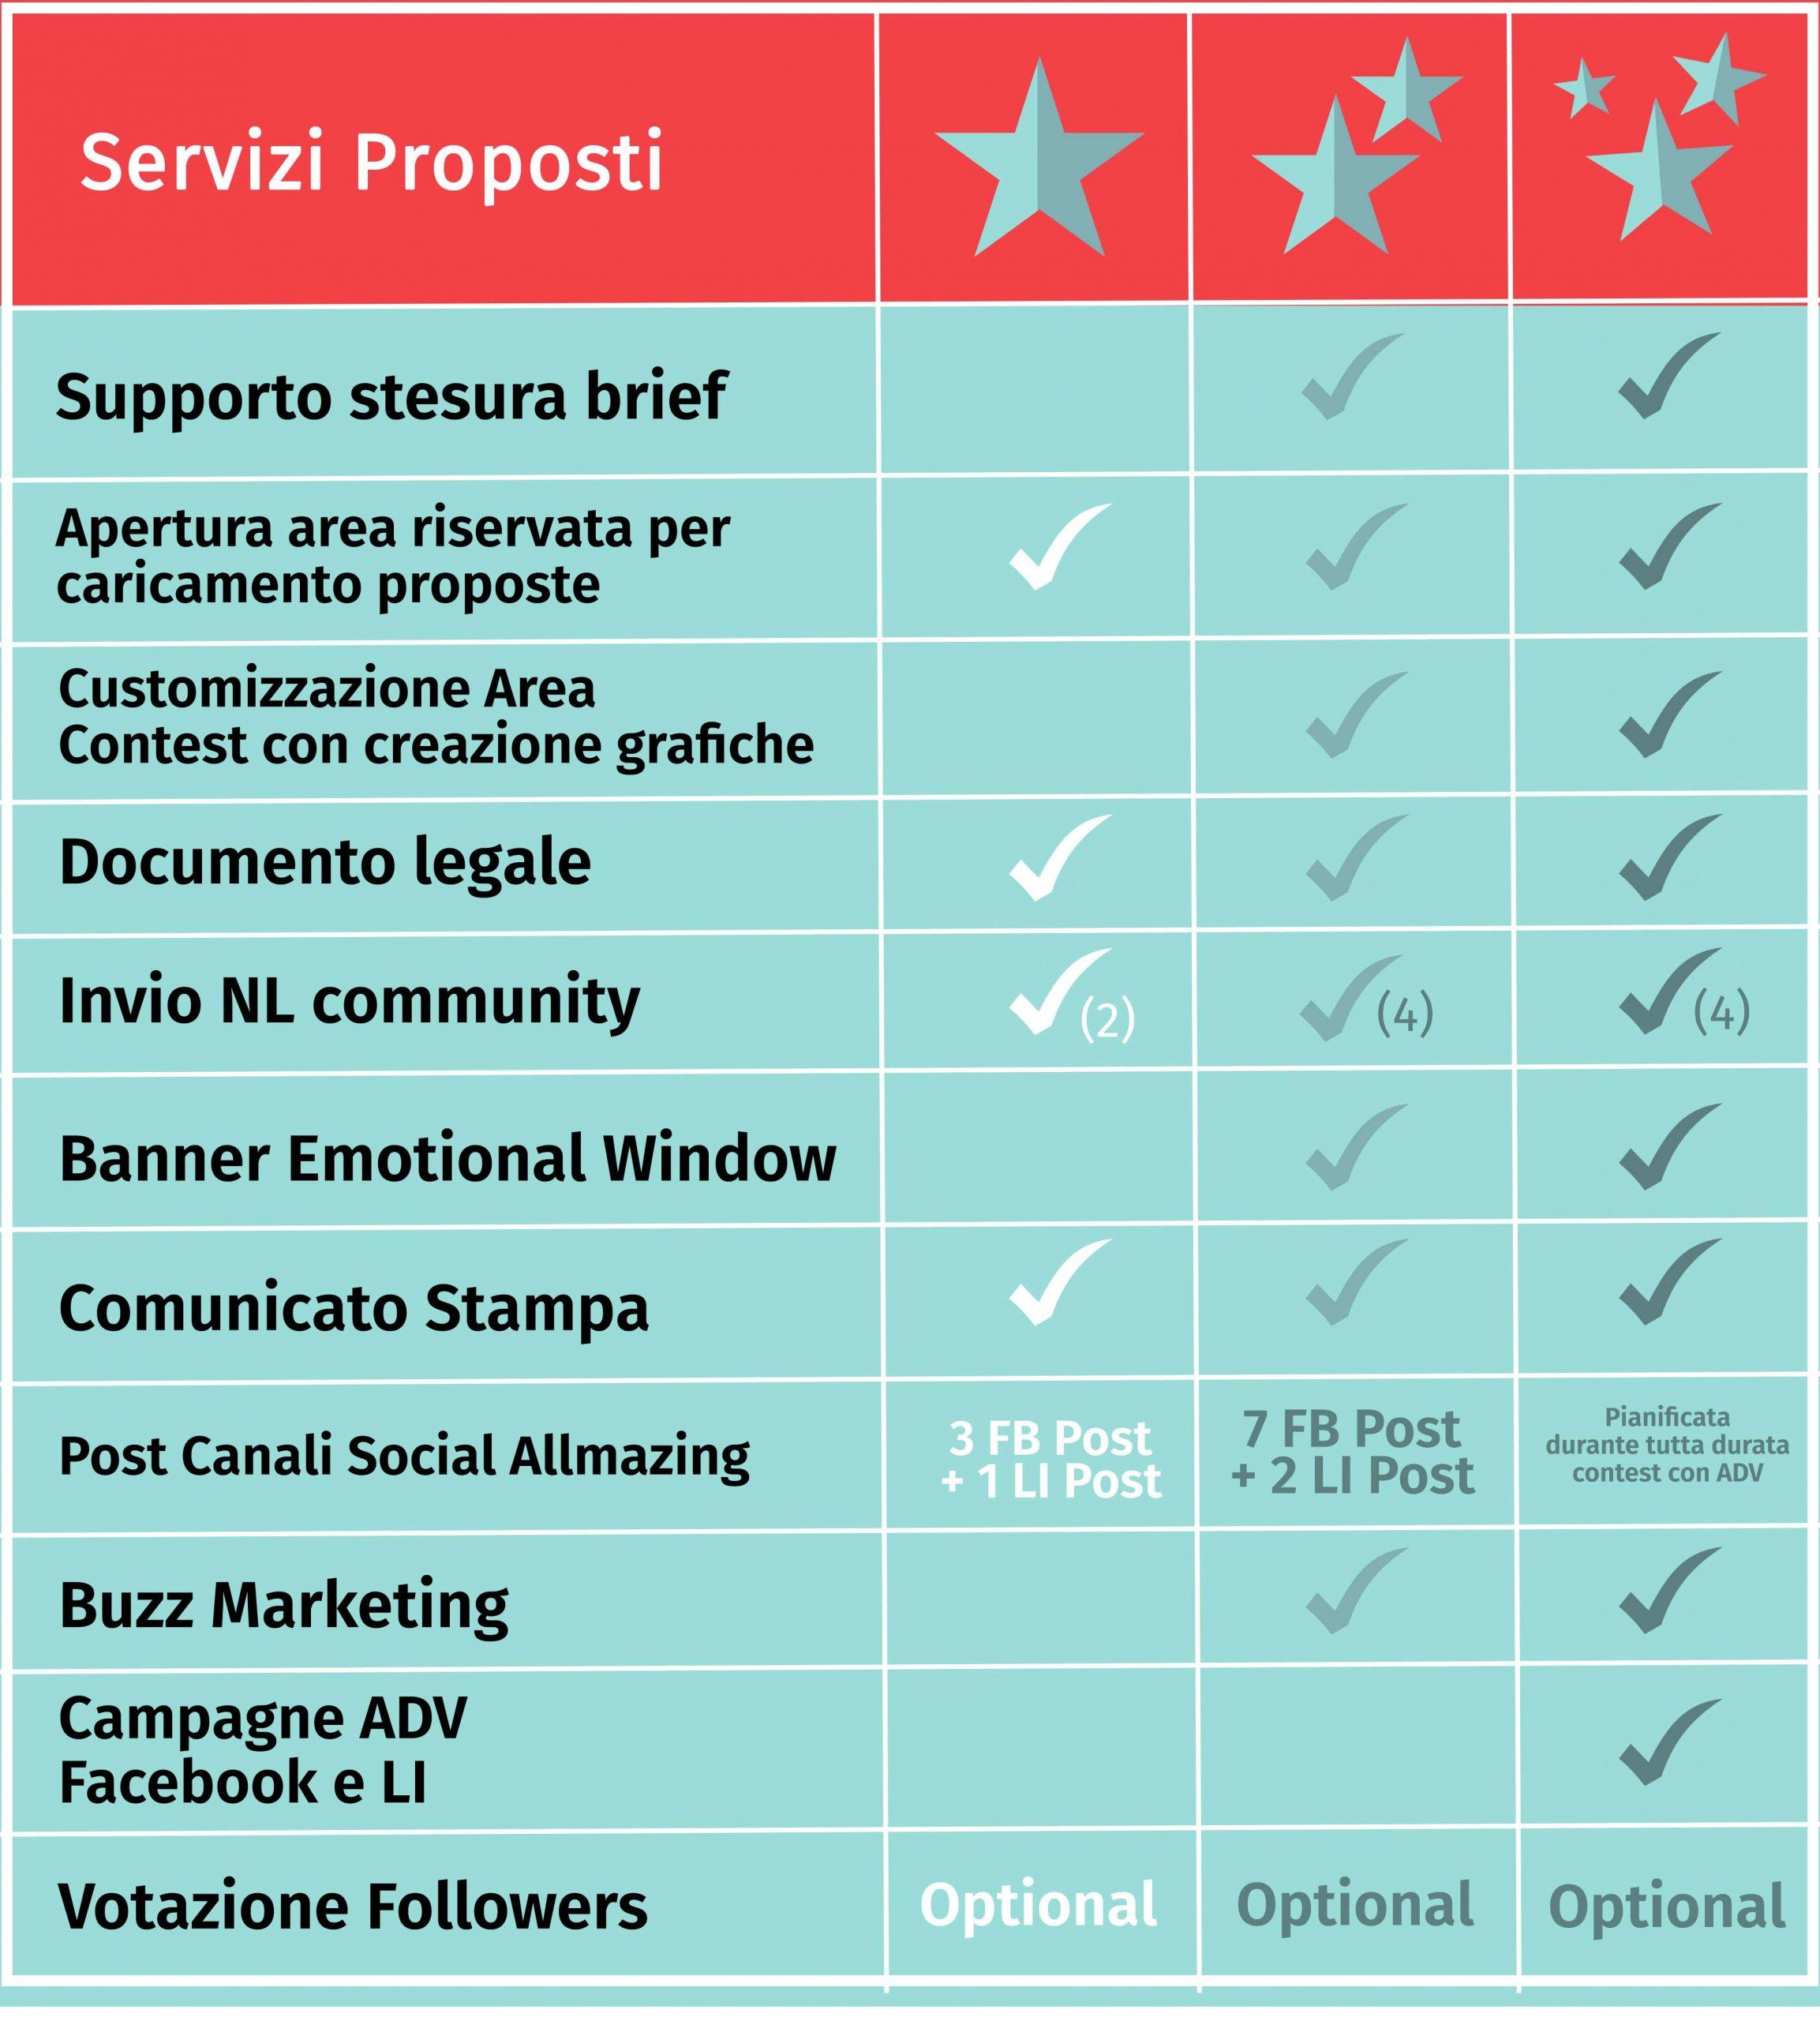 tabella di comparazione italiano